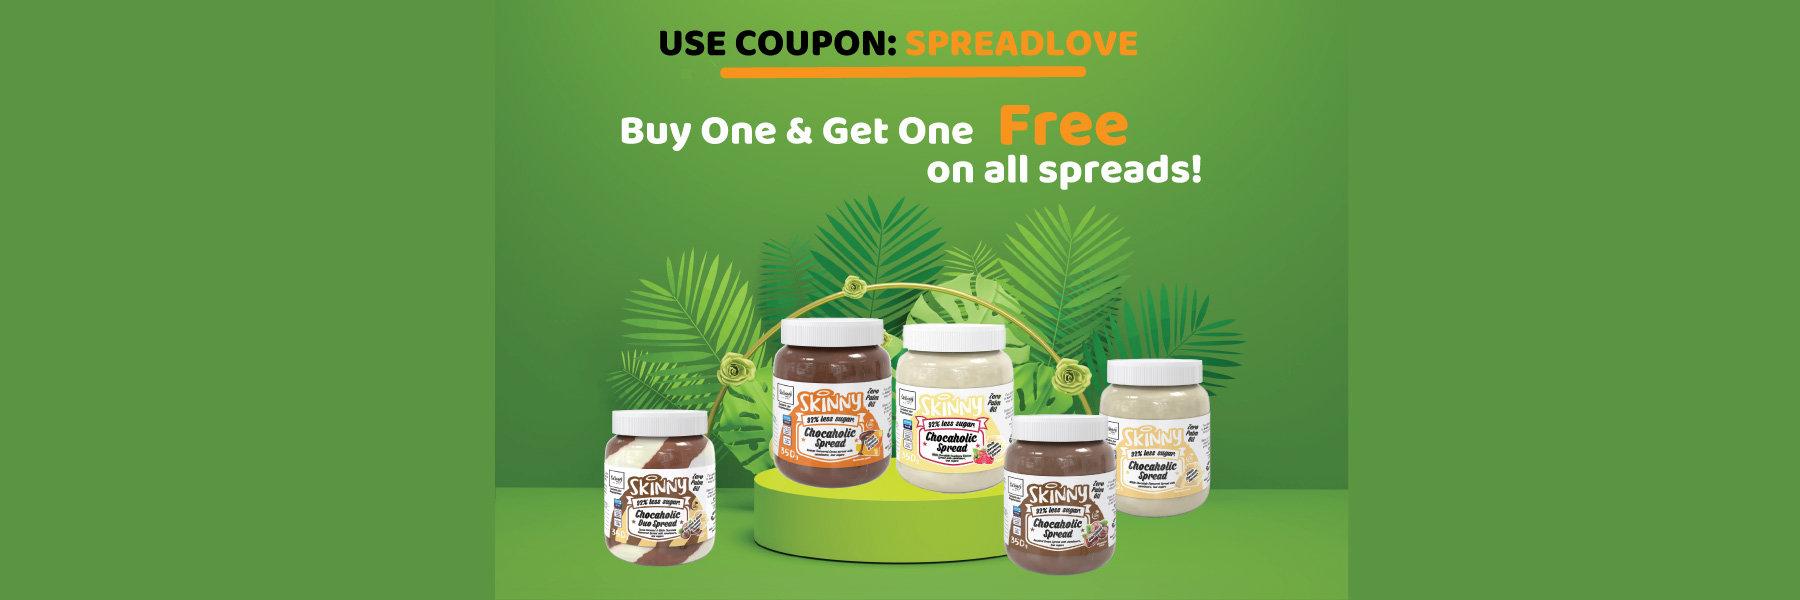 slim-buy-one-get-one-free.jpg